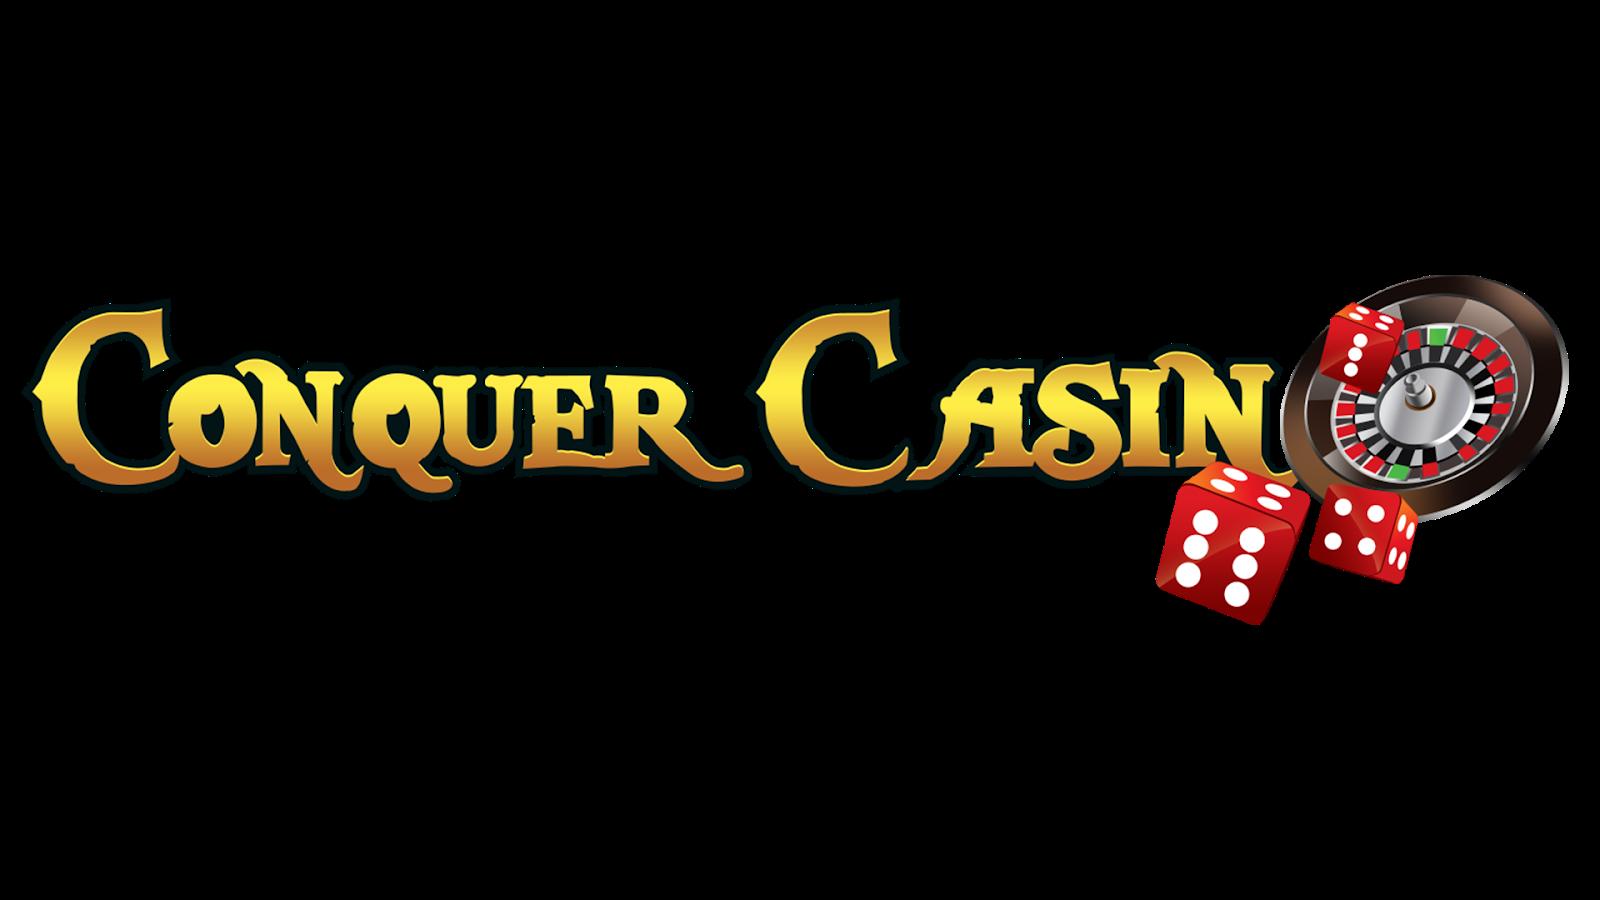 Conquer Casino Bonus 2019